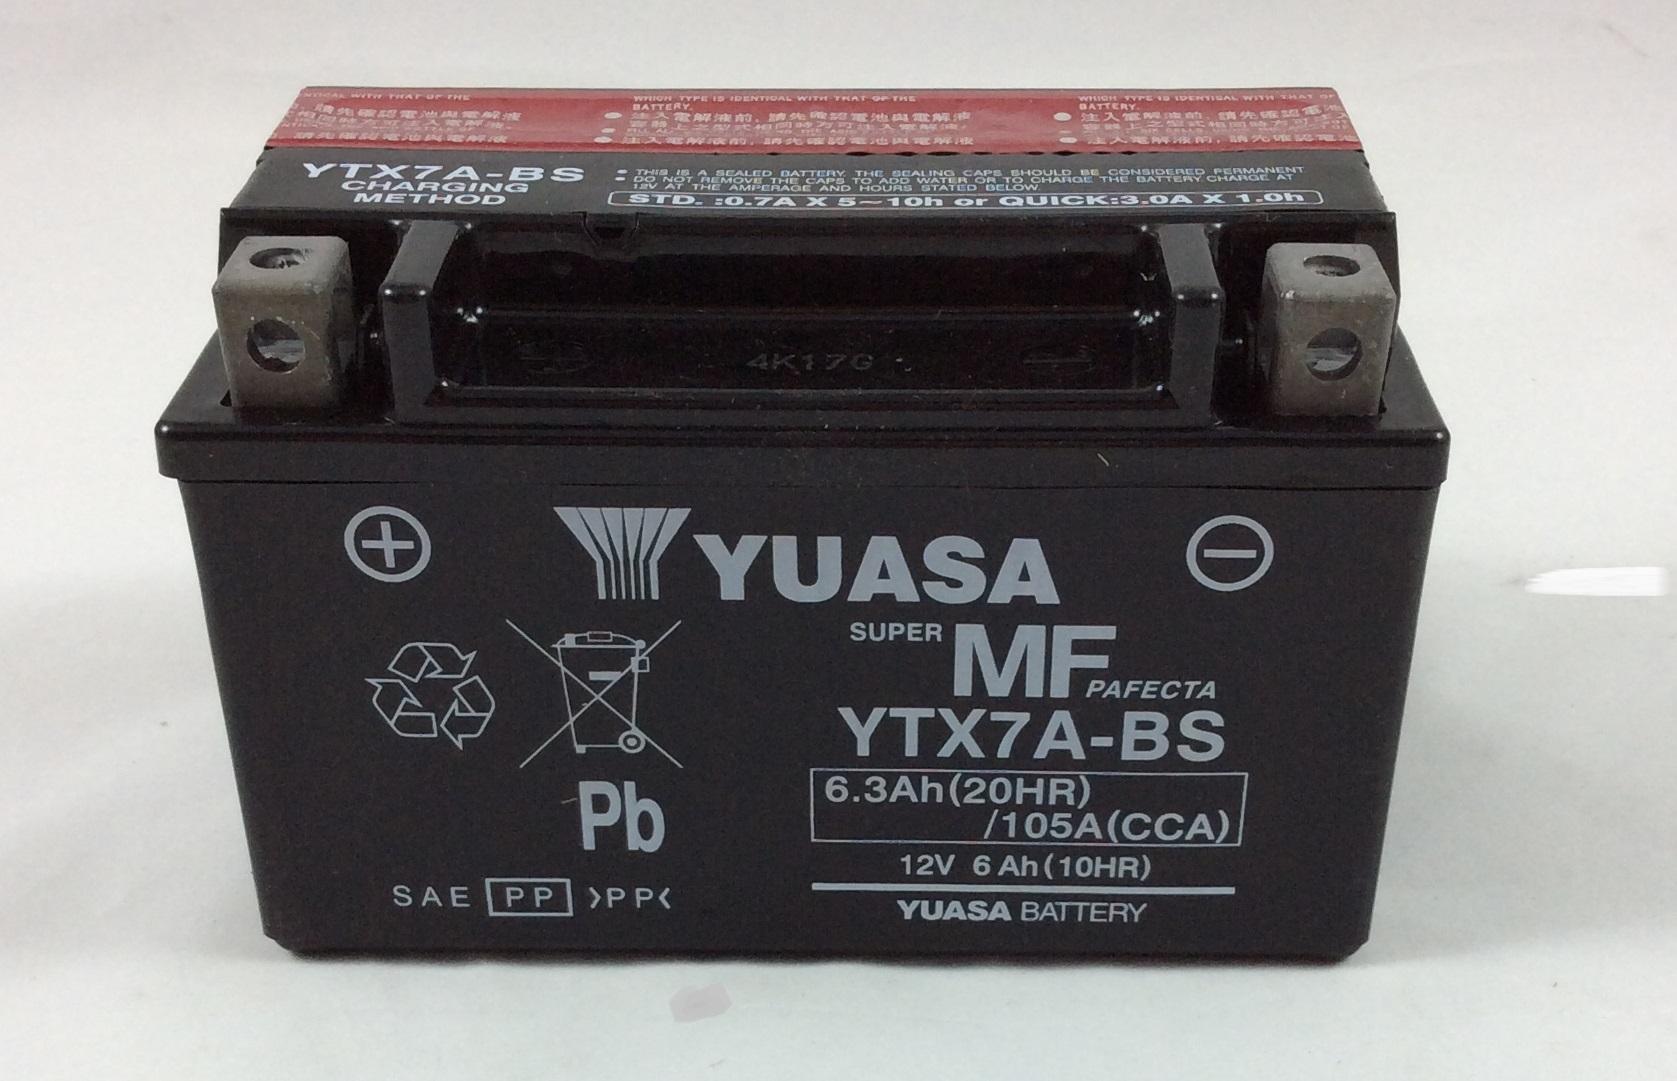 bateria yuasa Y7X7A - BS